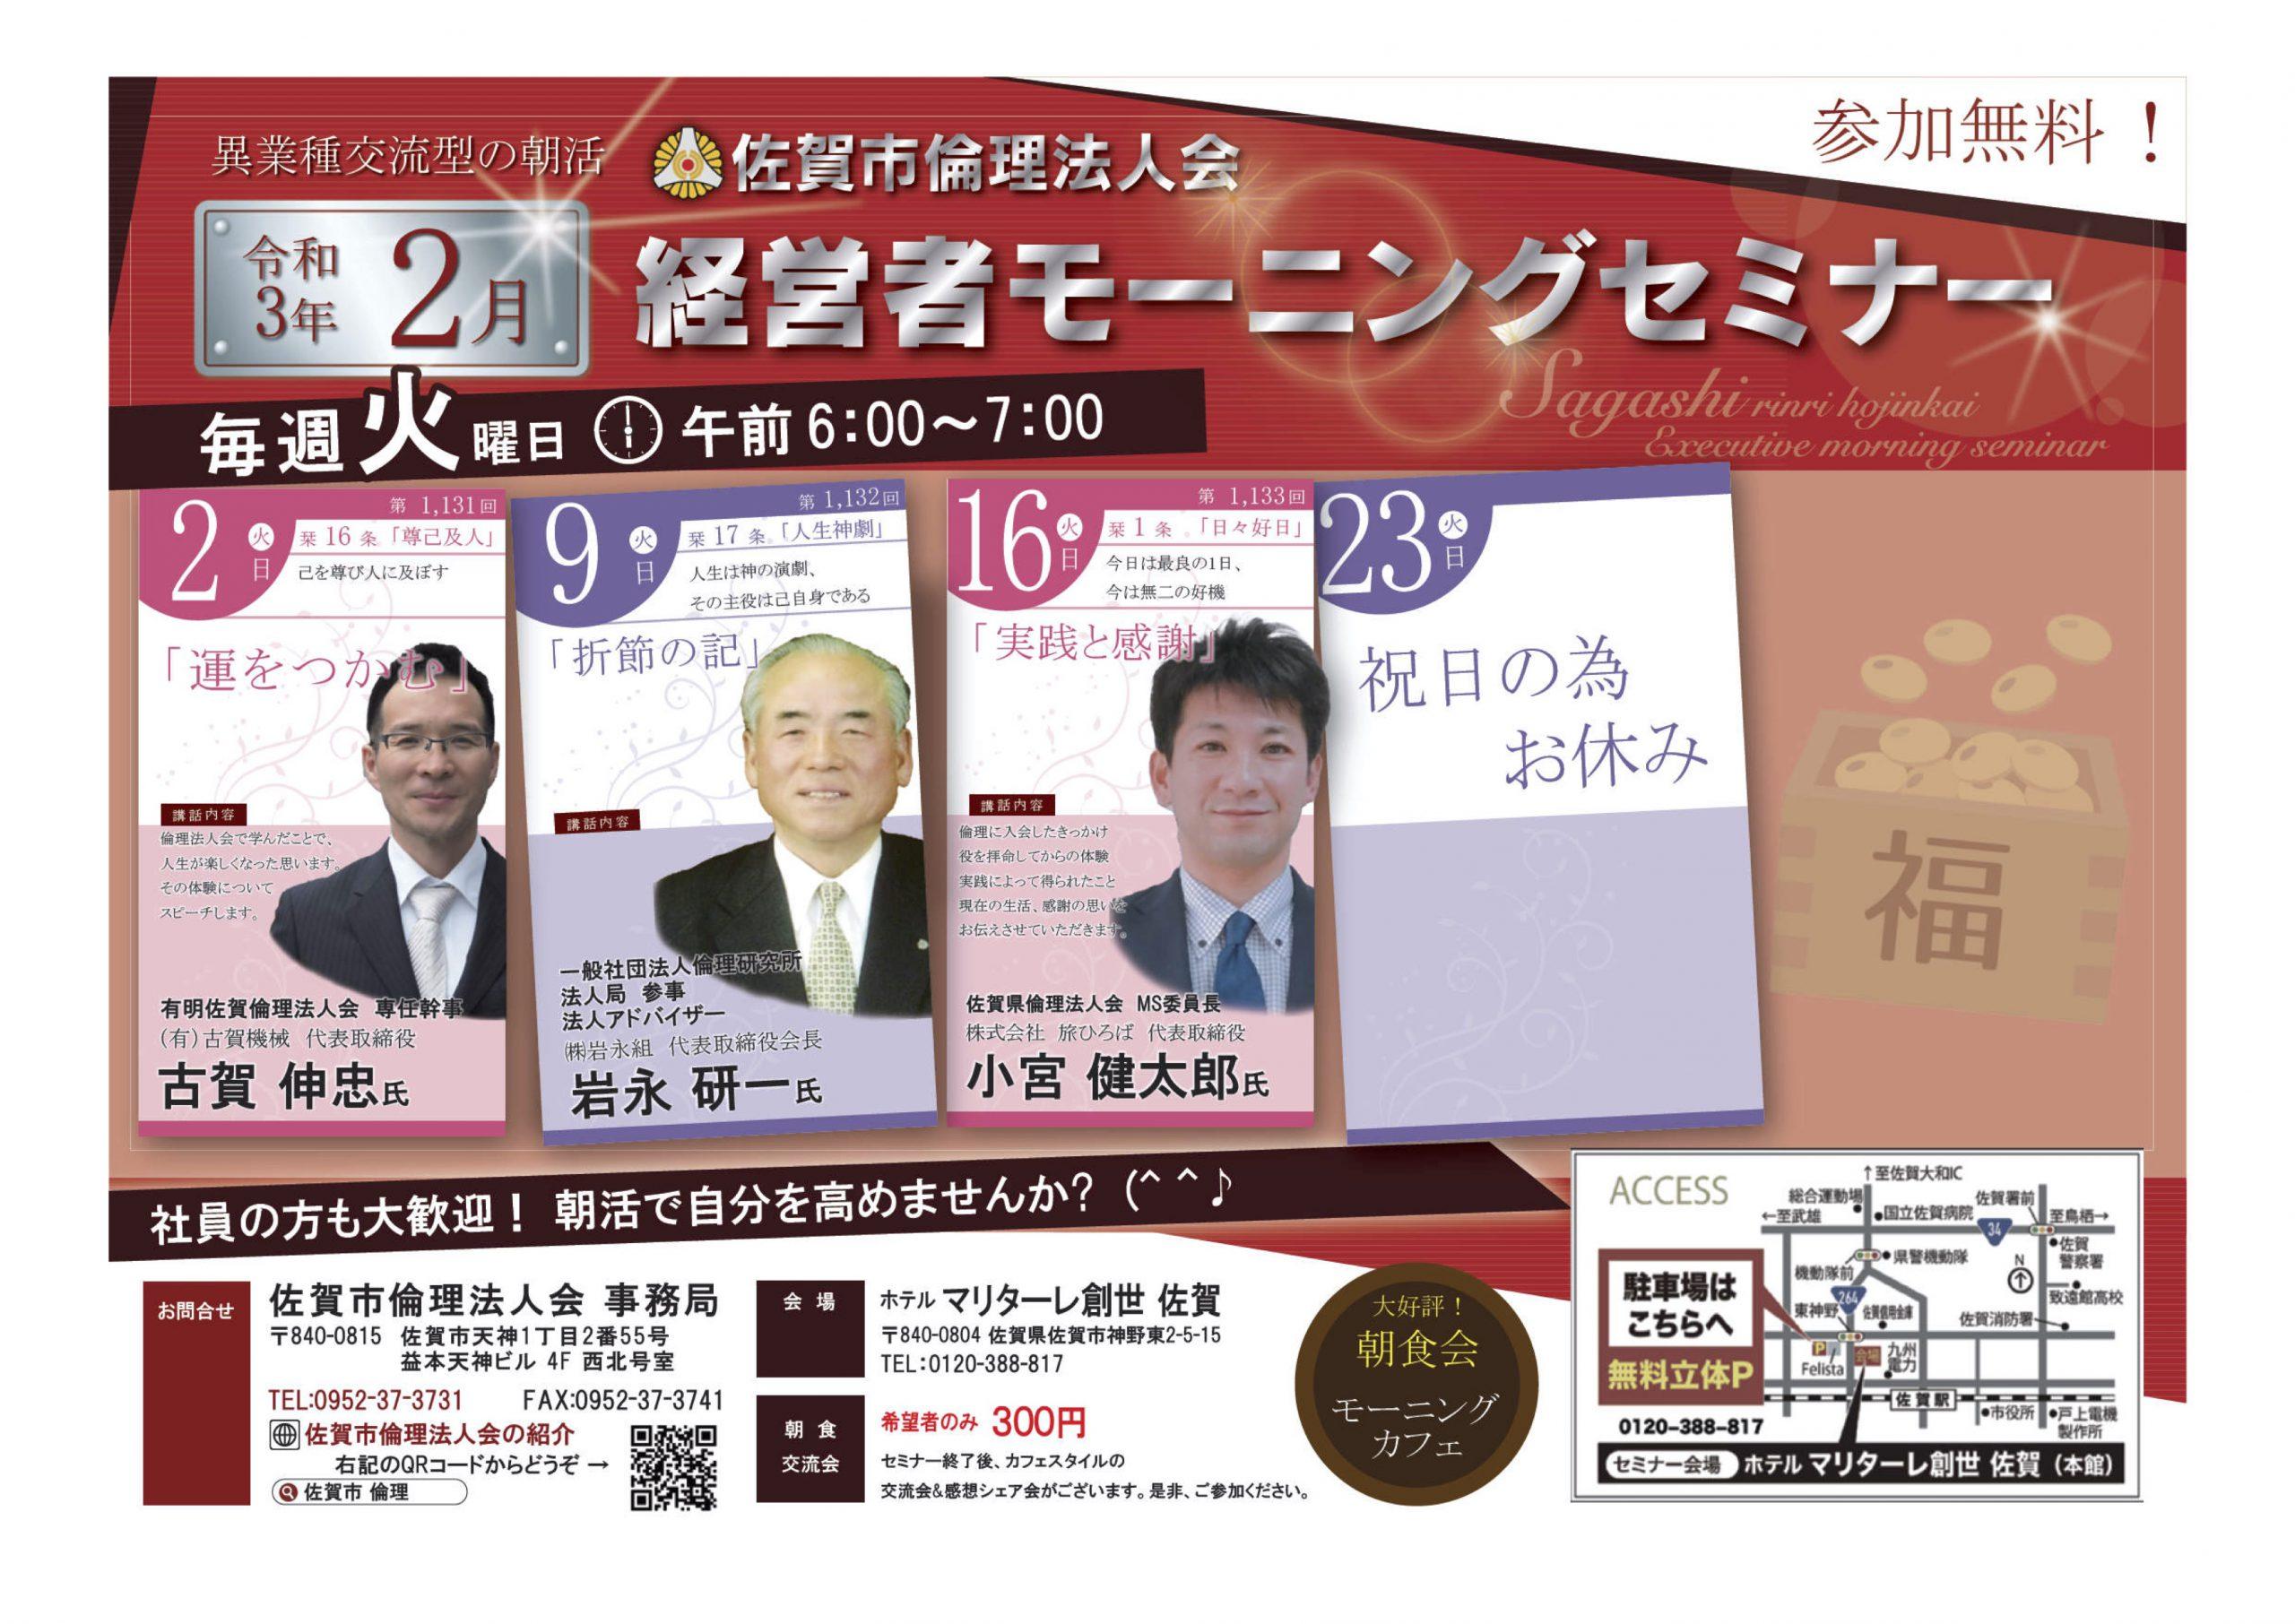 【佐賀市倫理法人会】2021年2月経営者モーニングセミナー